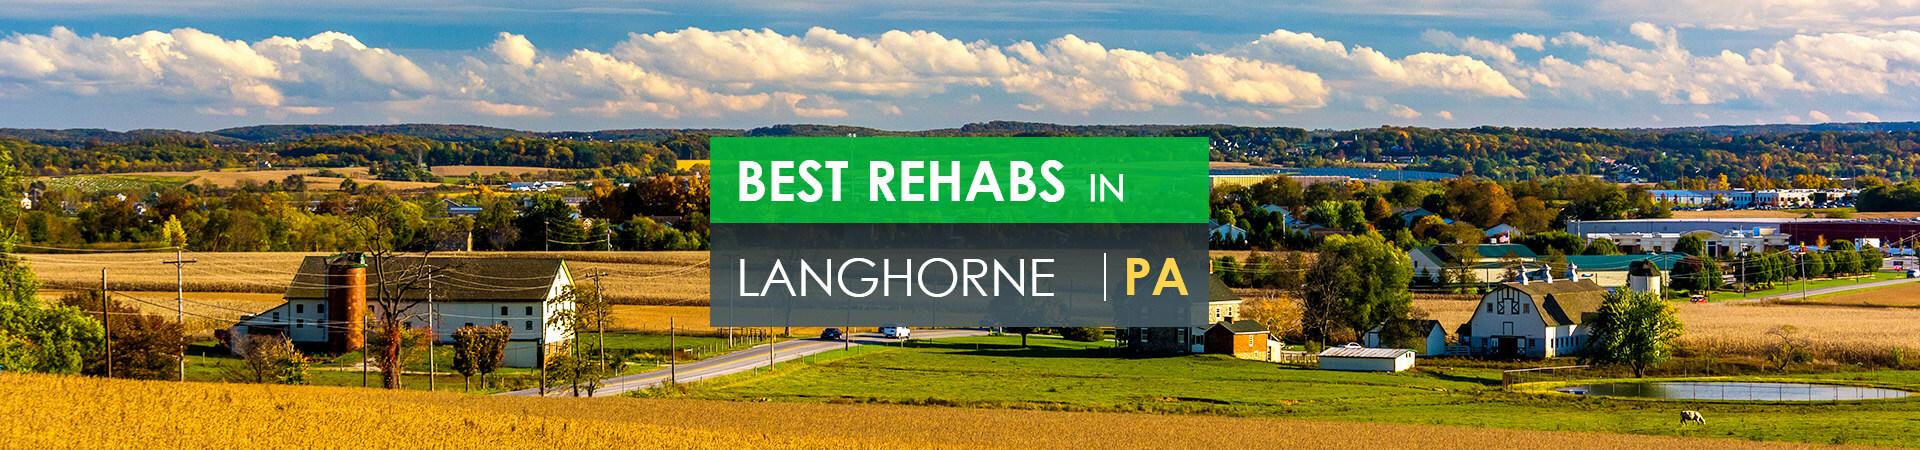 Best rehabs in Langhorne, PA